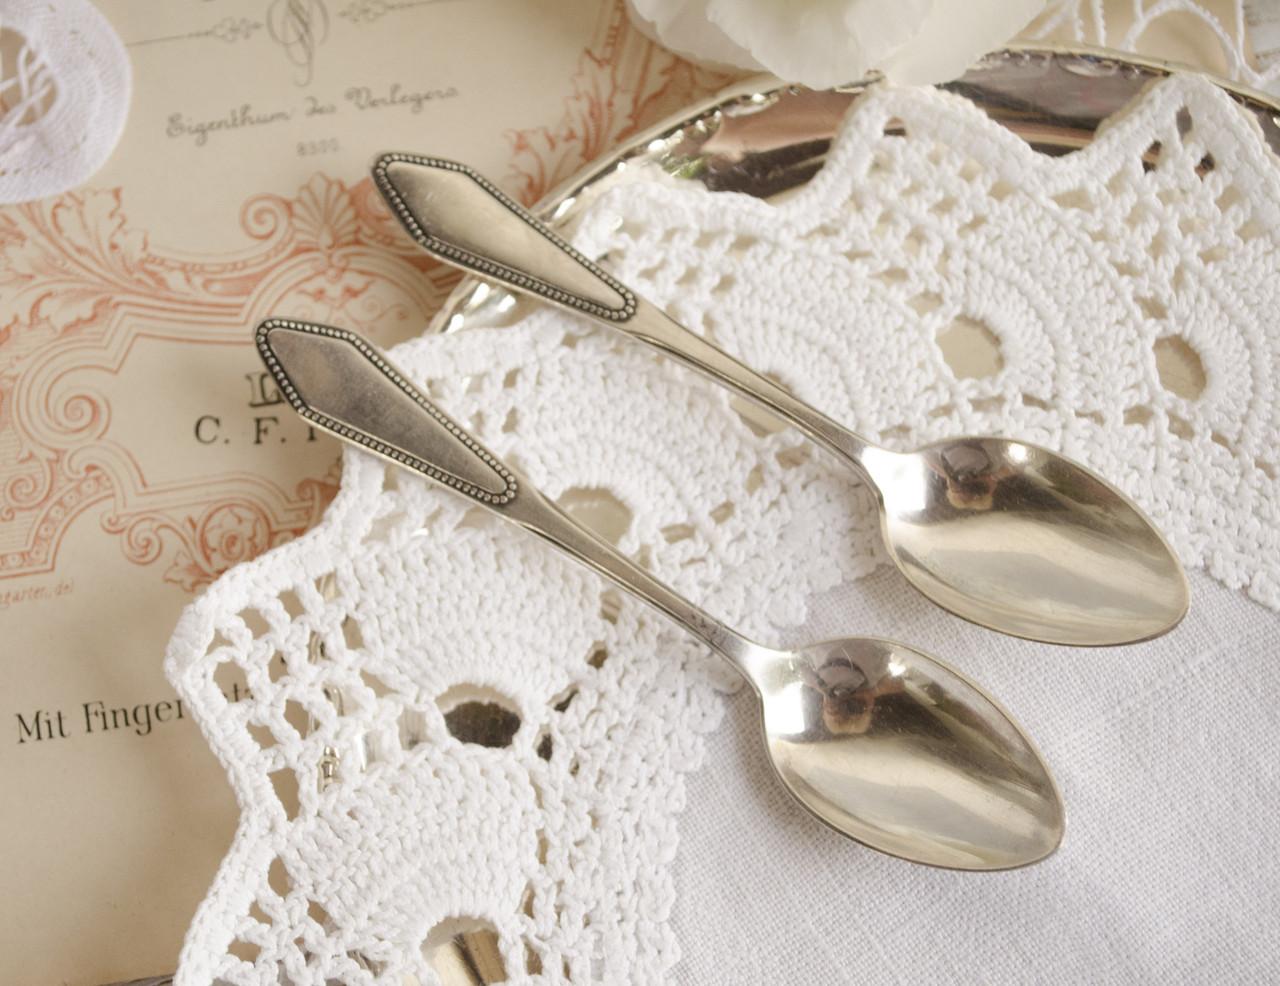 Две посеребренные чайные ложки, серебрение, Германия, August Wellner & Sons